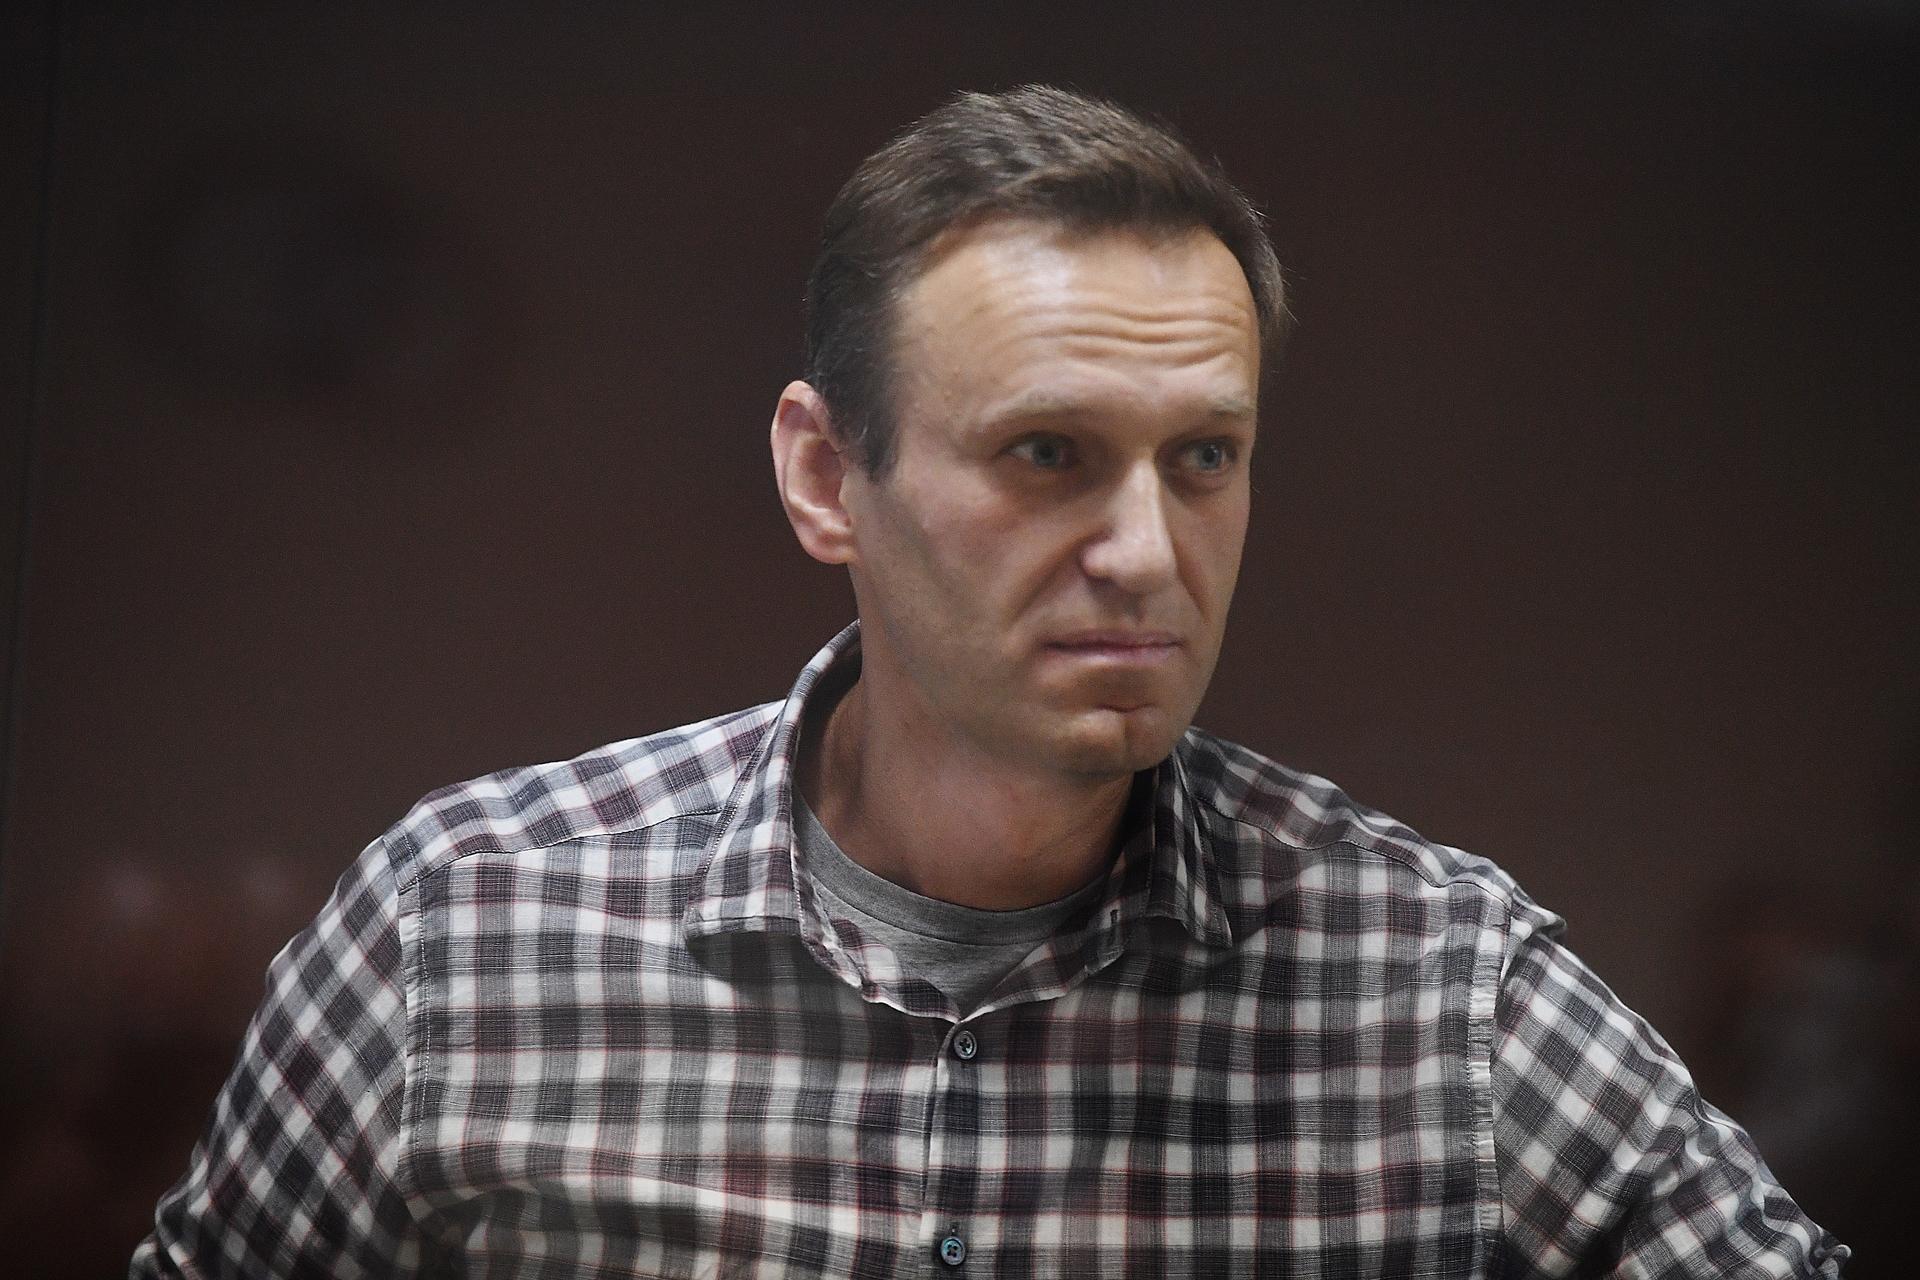 «ЦИК следует обратить внимание»: как кандидаты в Госдуму от ФБК Навального обходят запрет на нелегальное финансирование5